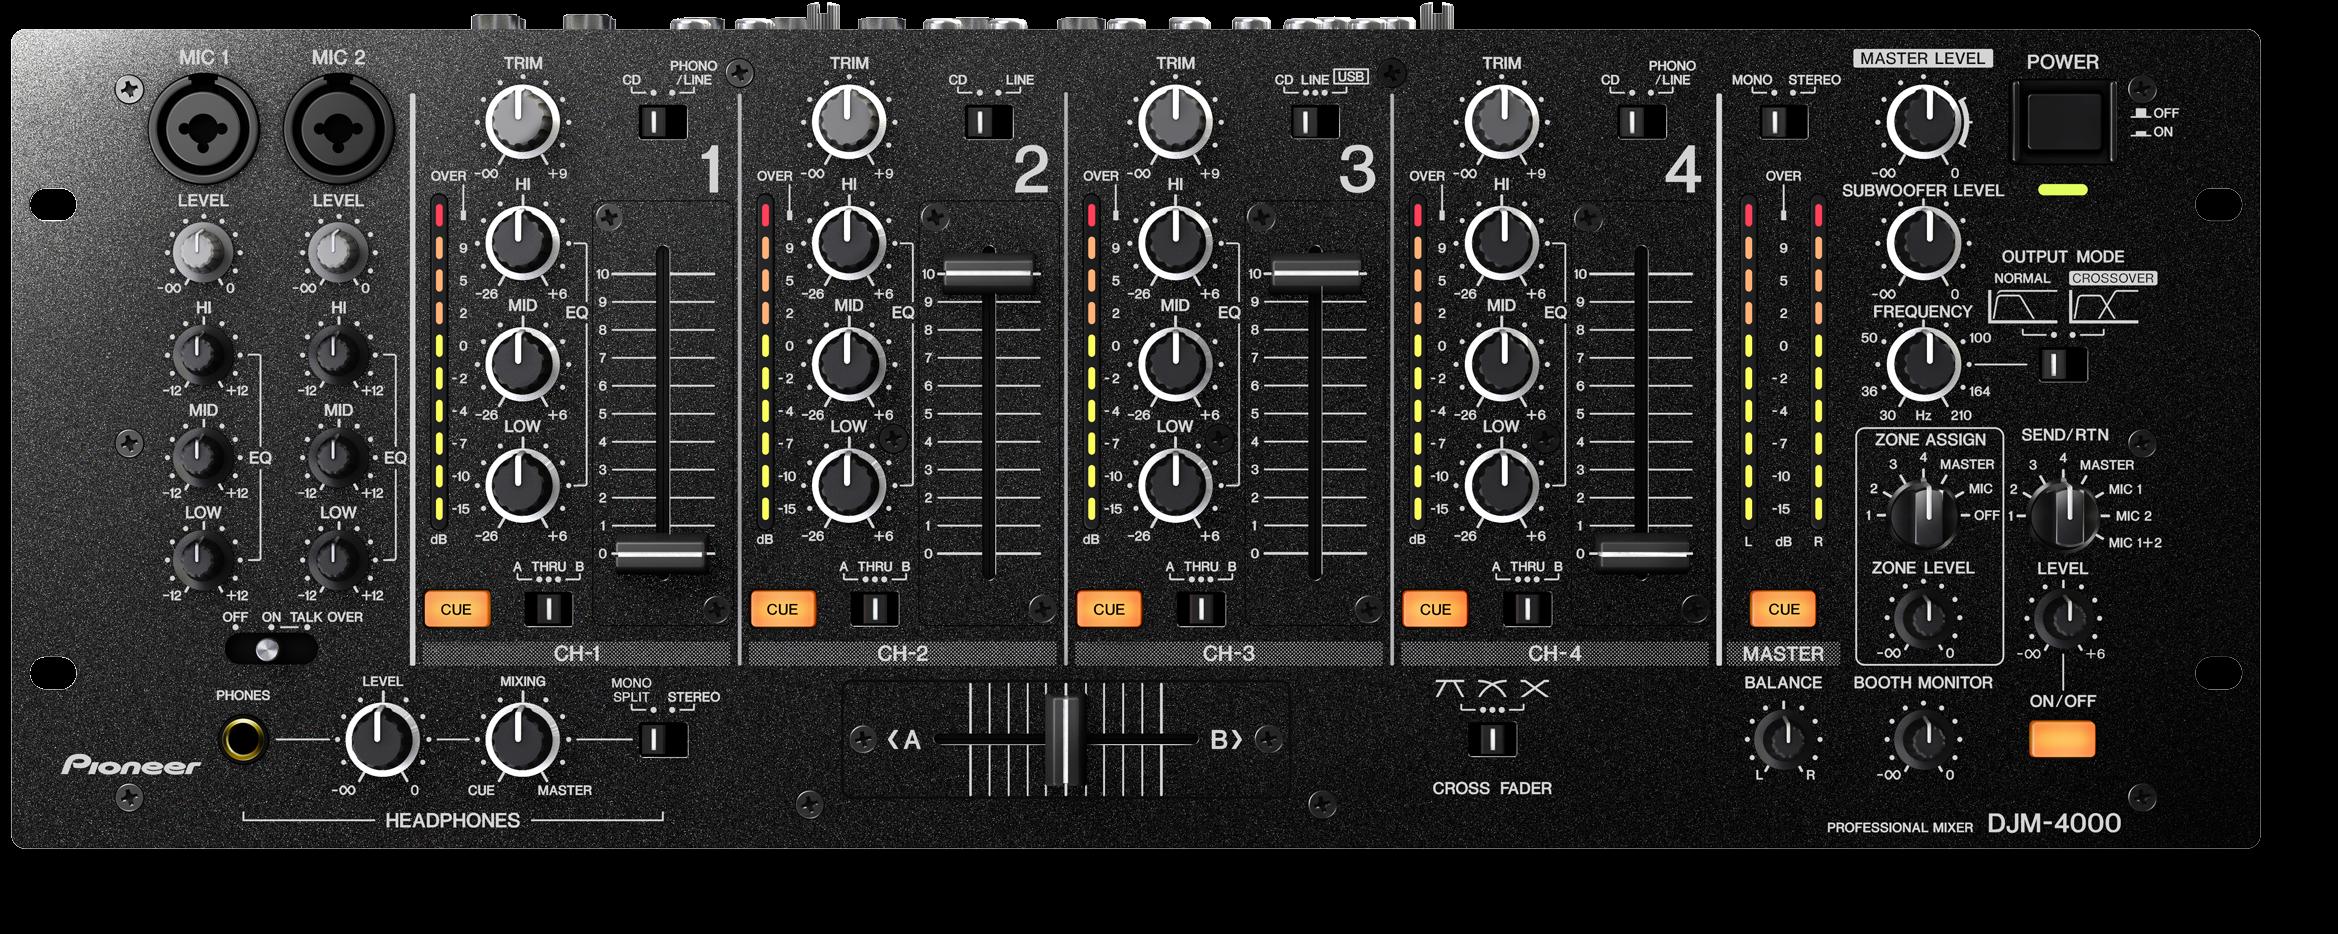 DJM-4000